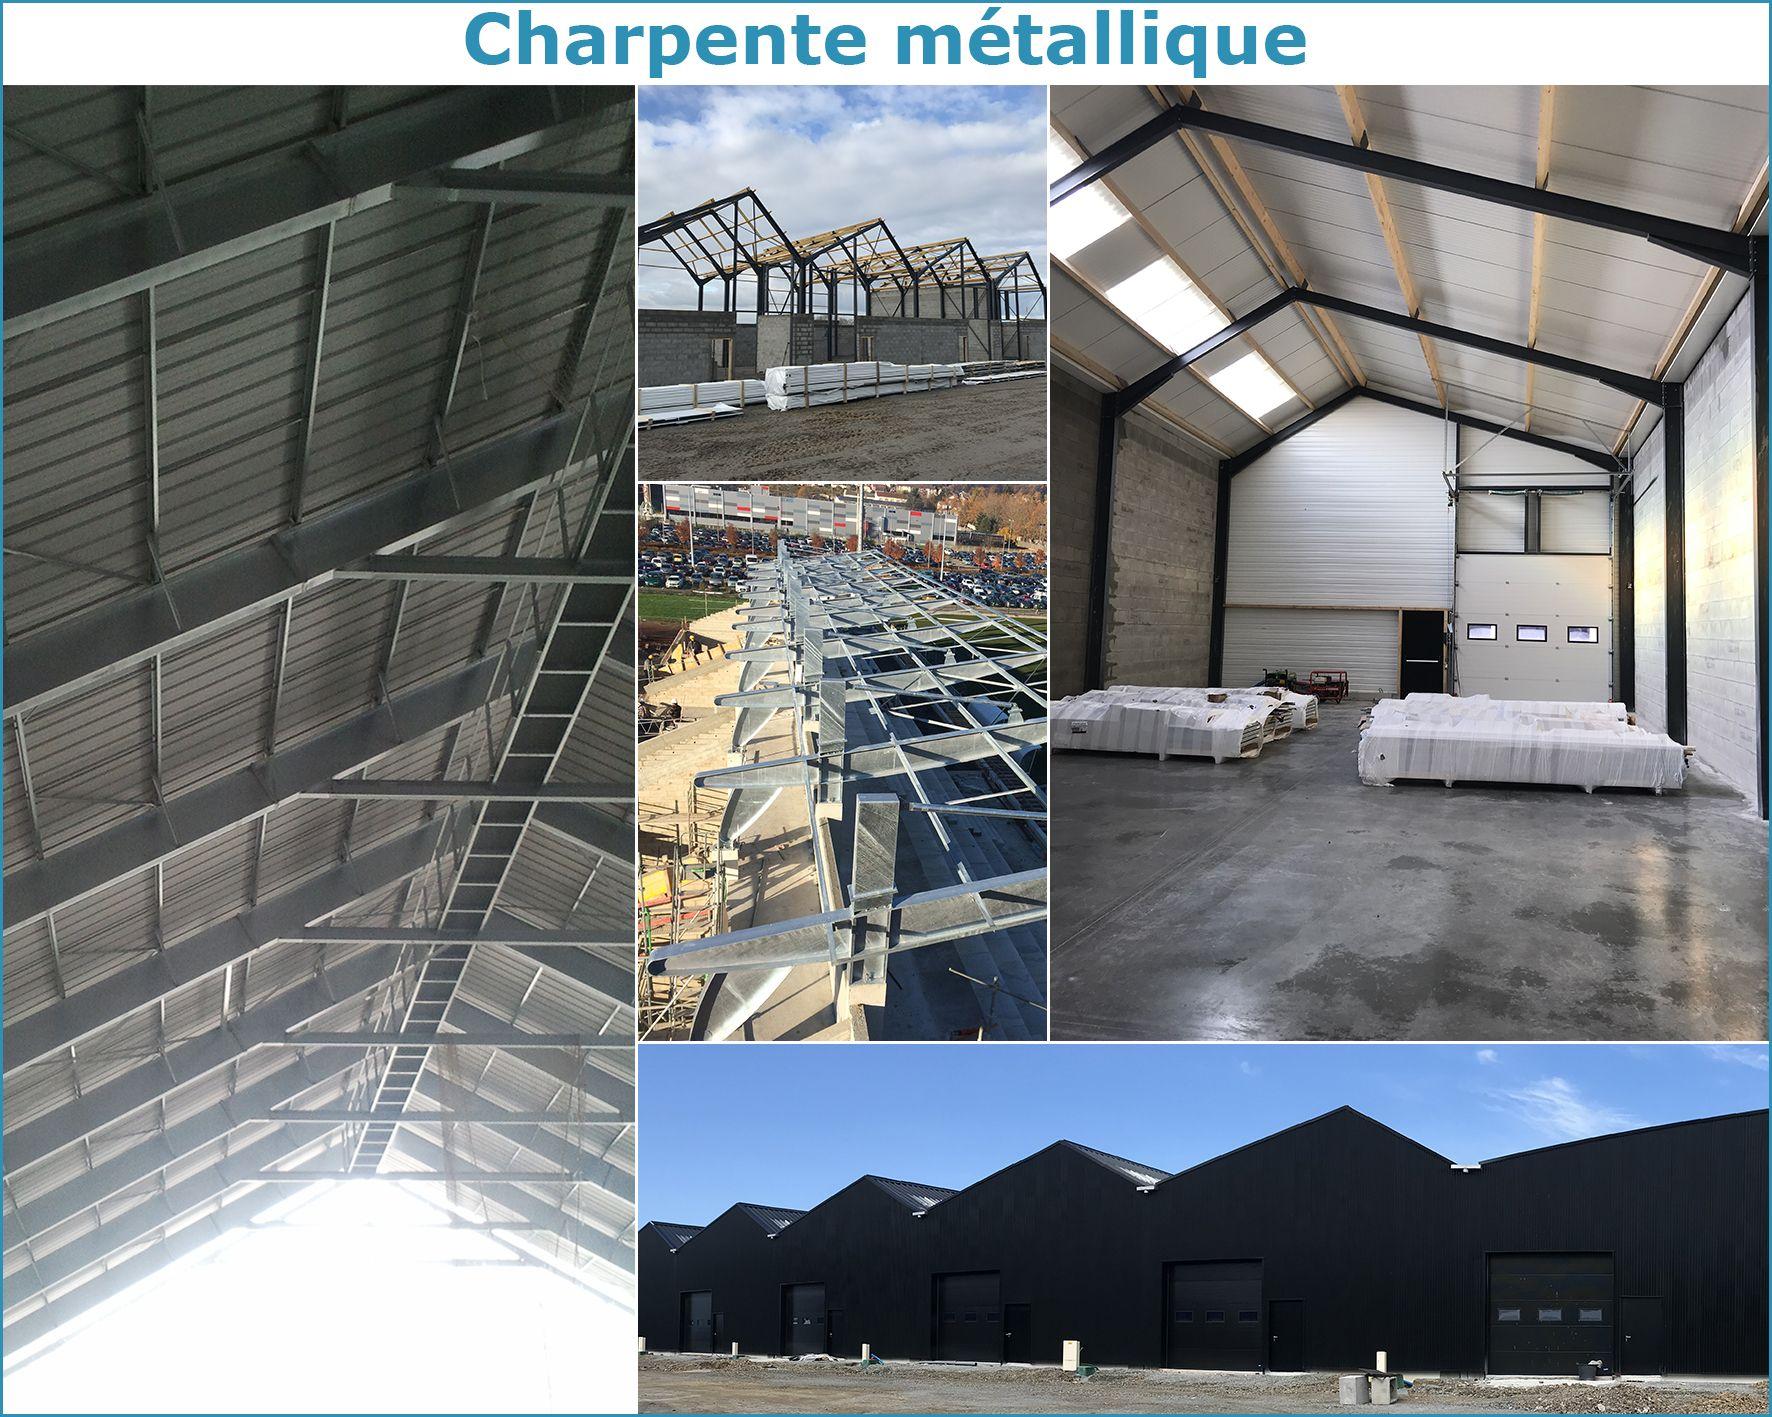 Charpente metallique